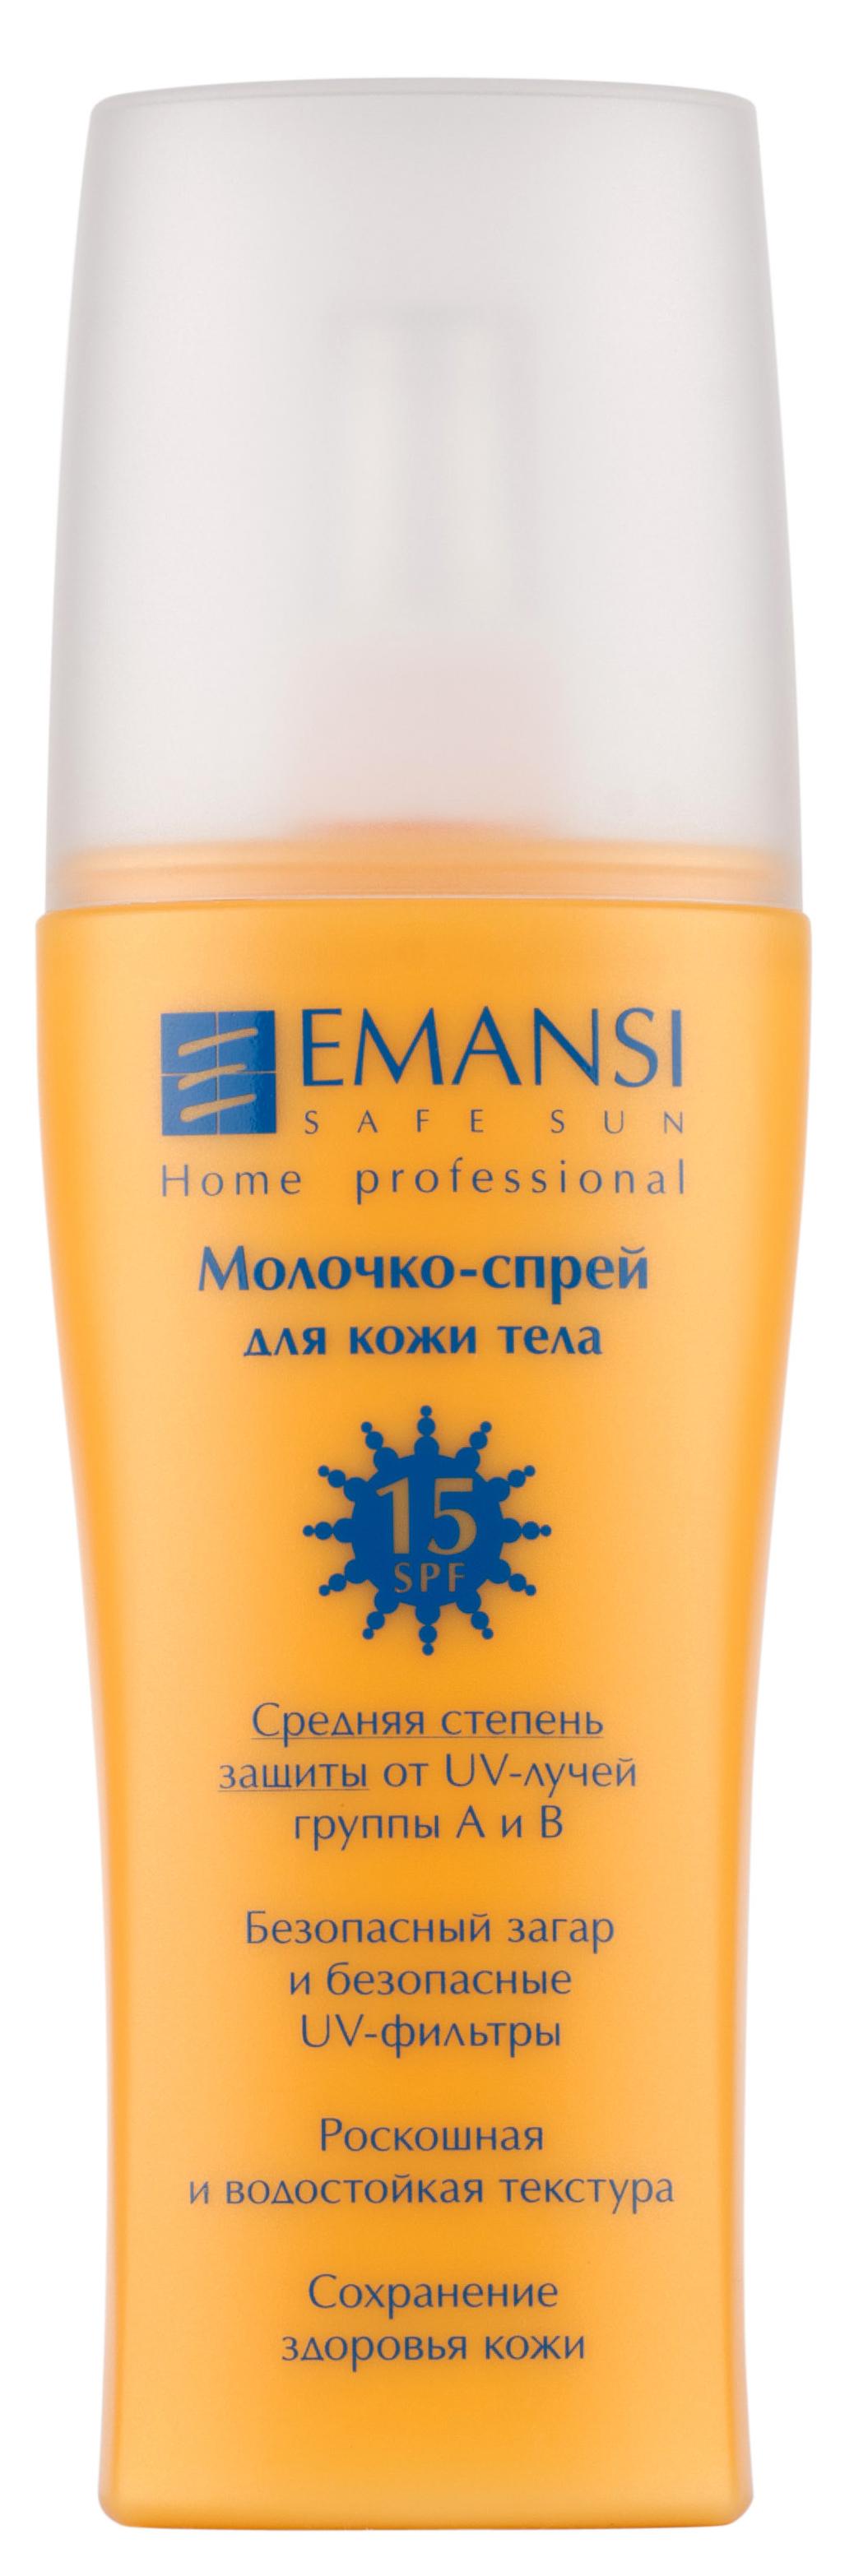 Emansi Молочко-спрей для кожи тела Safe sun SPF 15, 150 мл086-4-31621- Средняя степень защиты от UV-лучей группы А и В- Безопасный загар и безопасные UV-фильтры- Роскошная и водостойкая текстура- Сохранение здоровья кожи- Защищает от UV-лучей группы А и В благодаря использованию безопасных UV-фильтров- Устойчиво к действию воды и пота- Подходит для любой, в том числе и чувствительной кожи